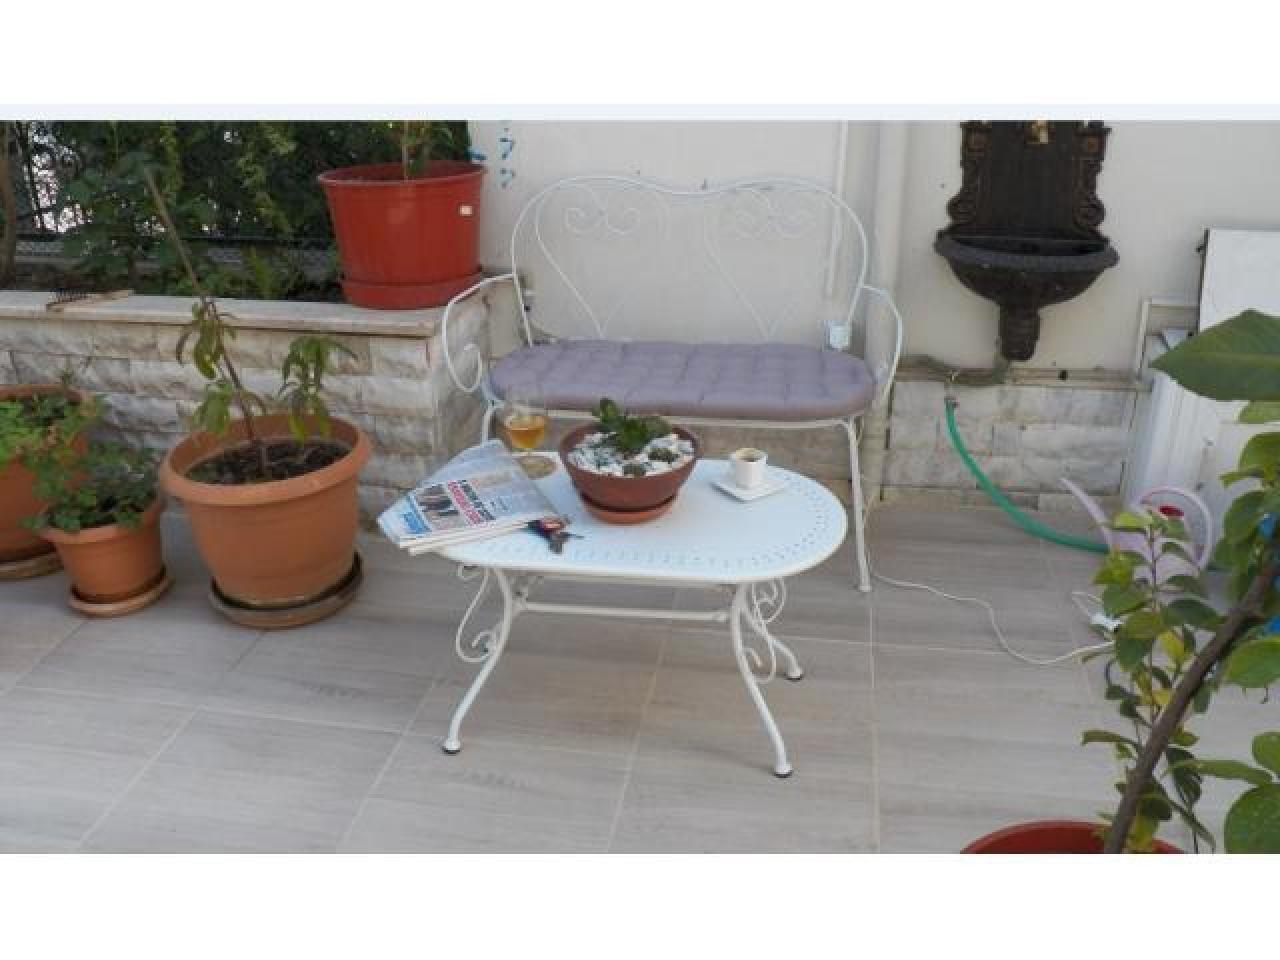 продам триплекс у моря с мебелью от собственника - побережье Эгкйского моря - 3